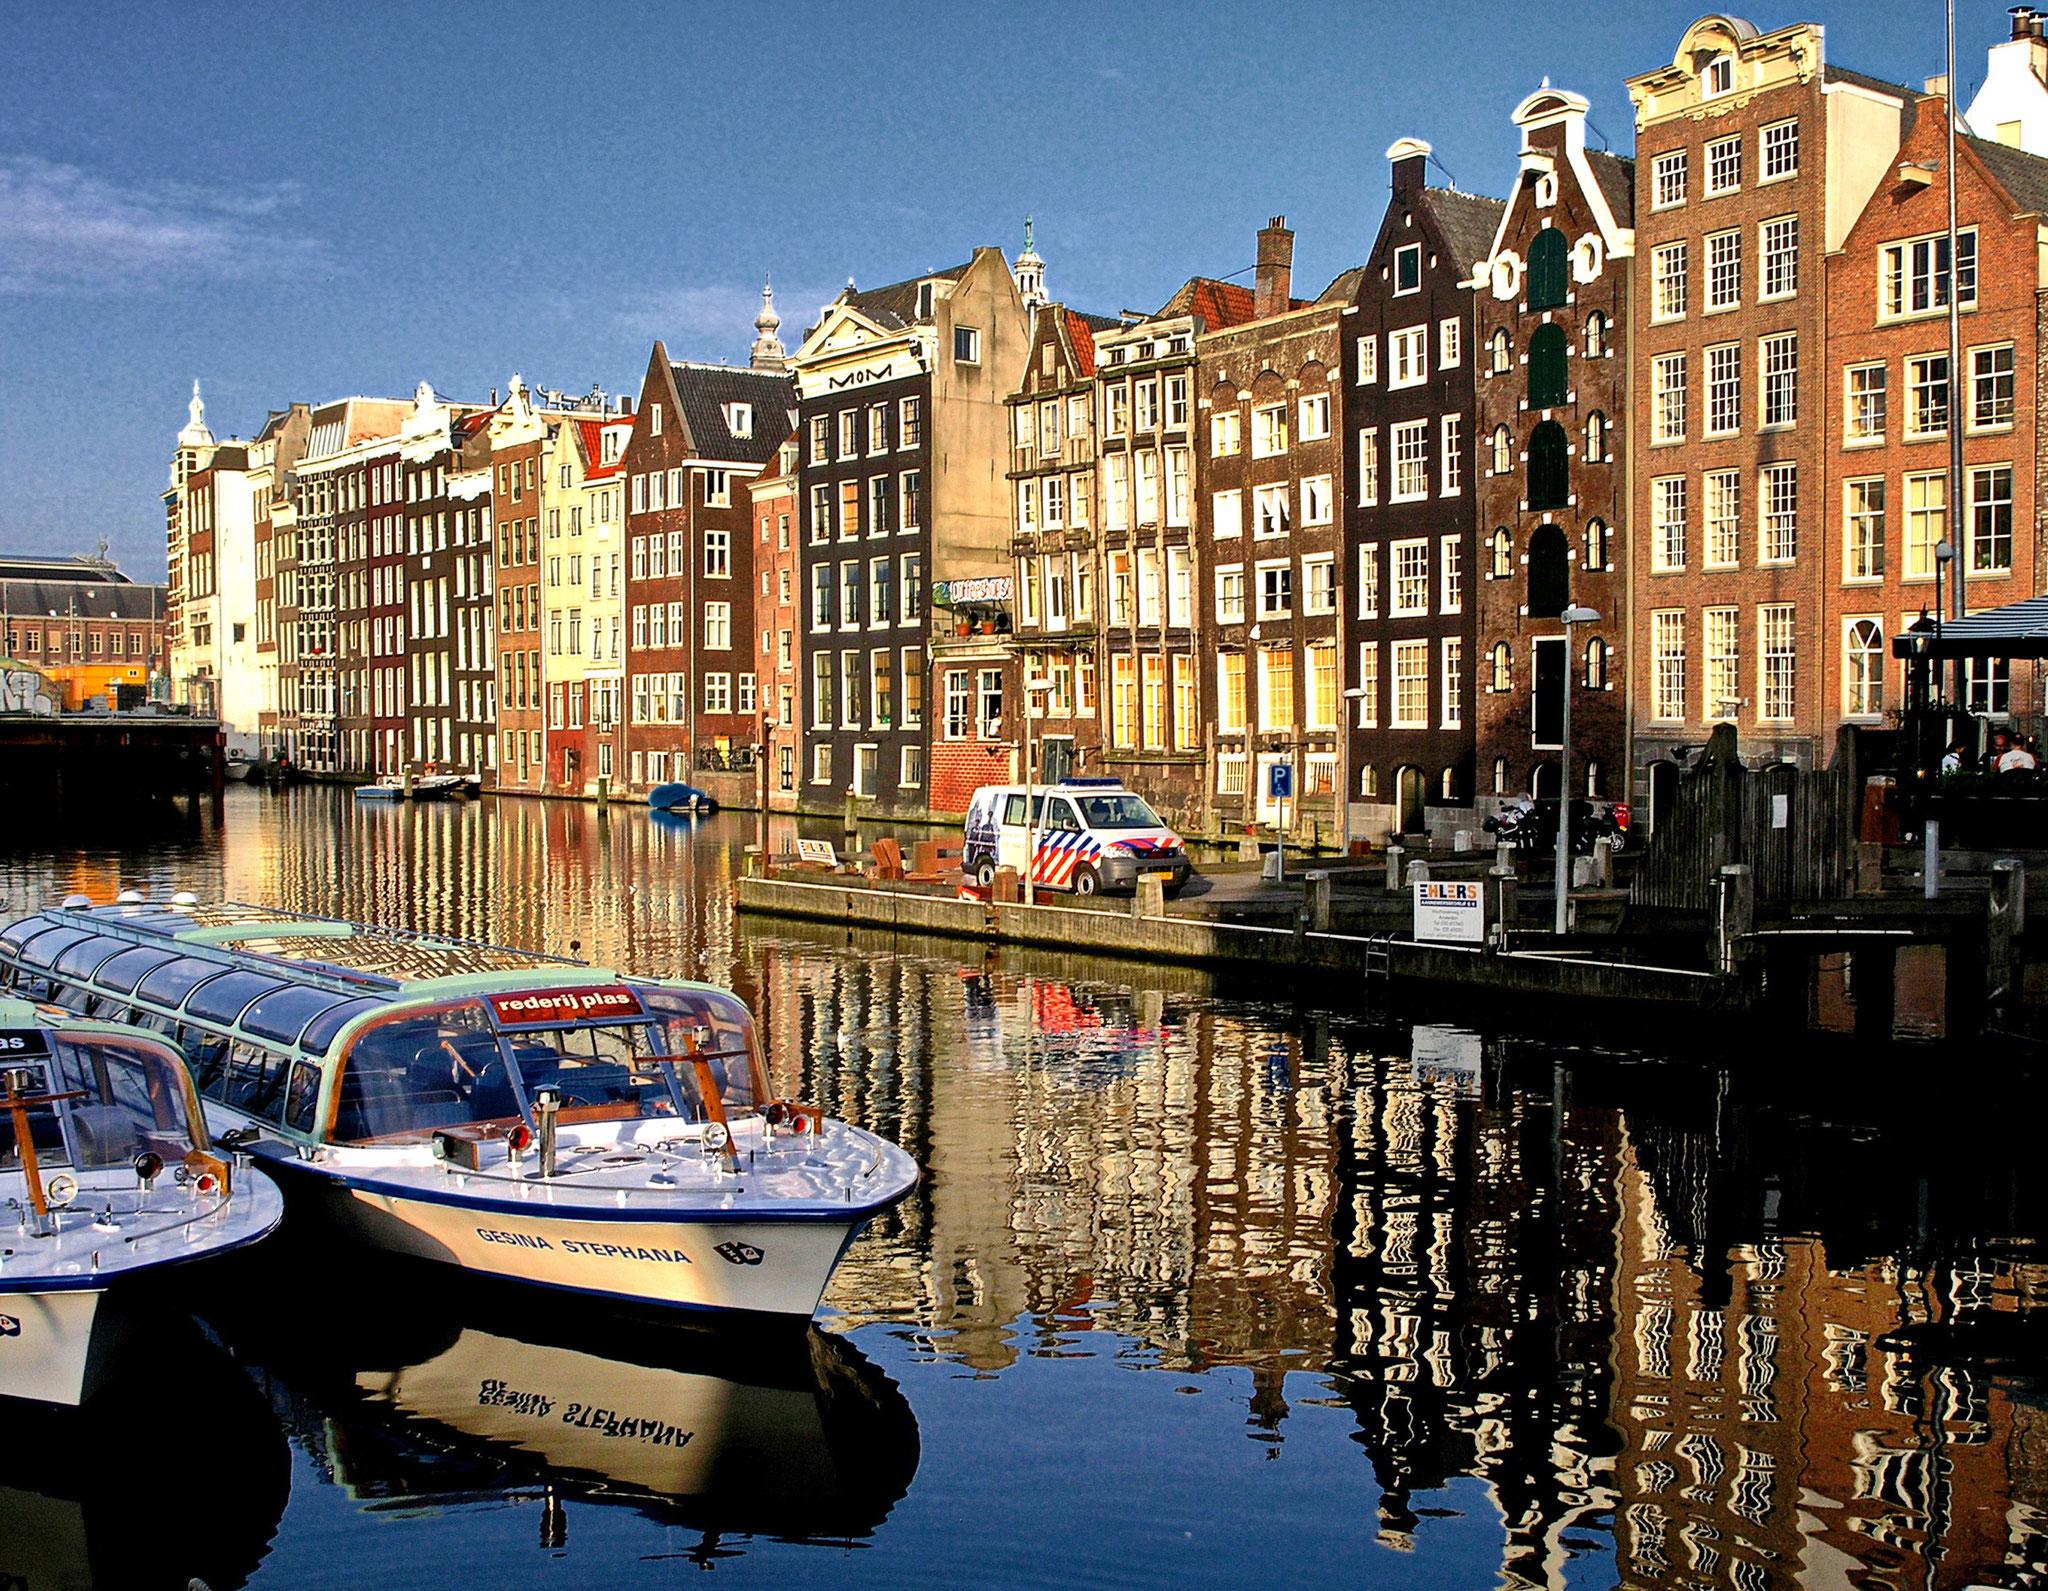 063-Iurie FOCA (Chișinău - MD) - Amsterdam (NL)